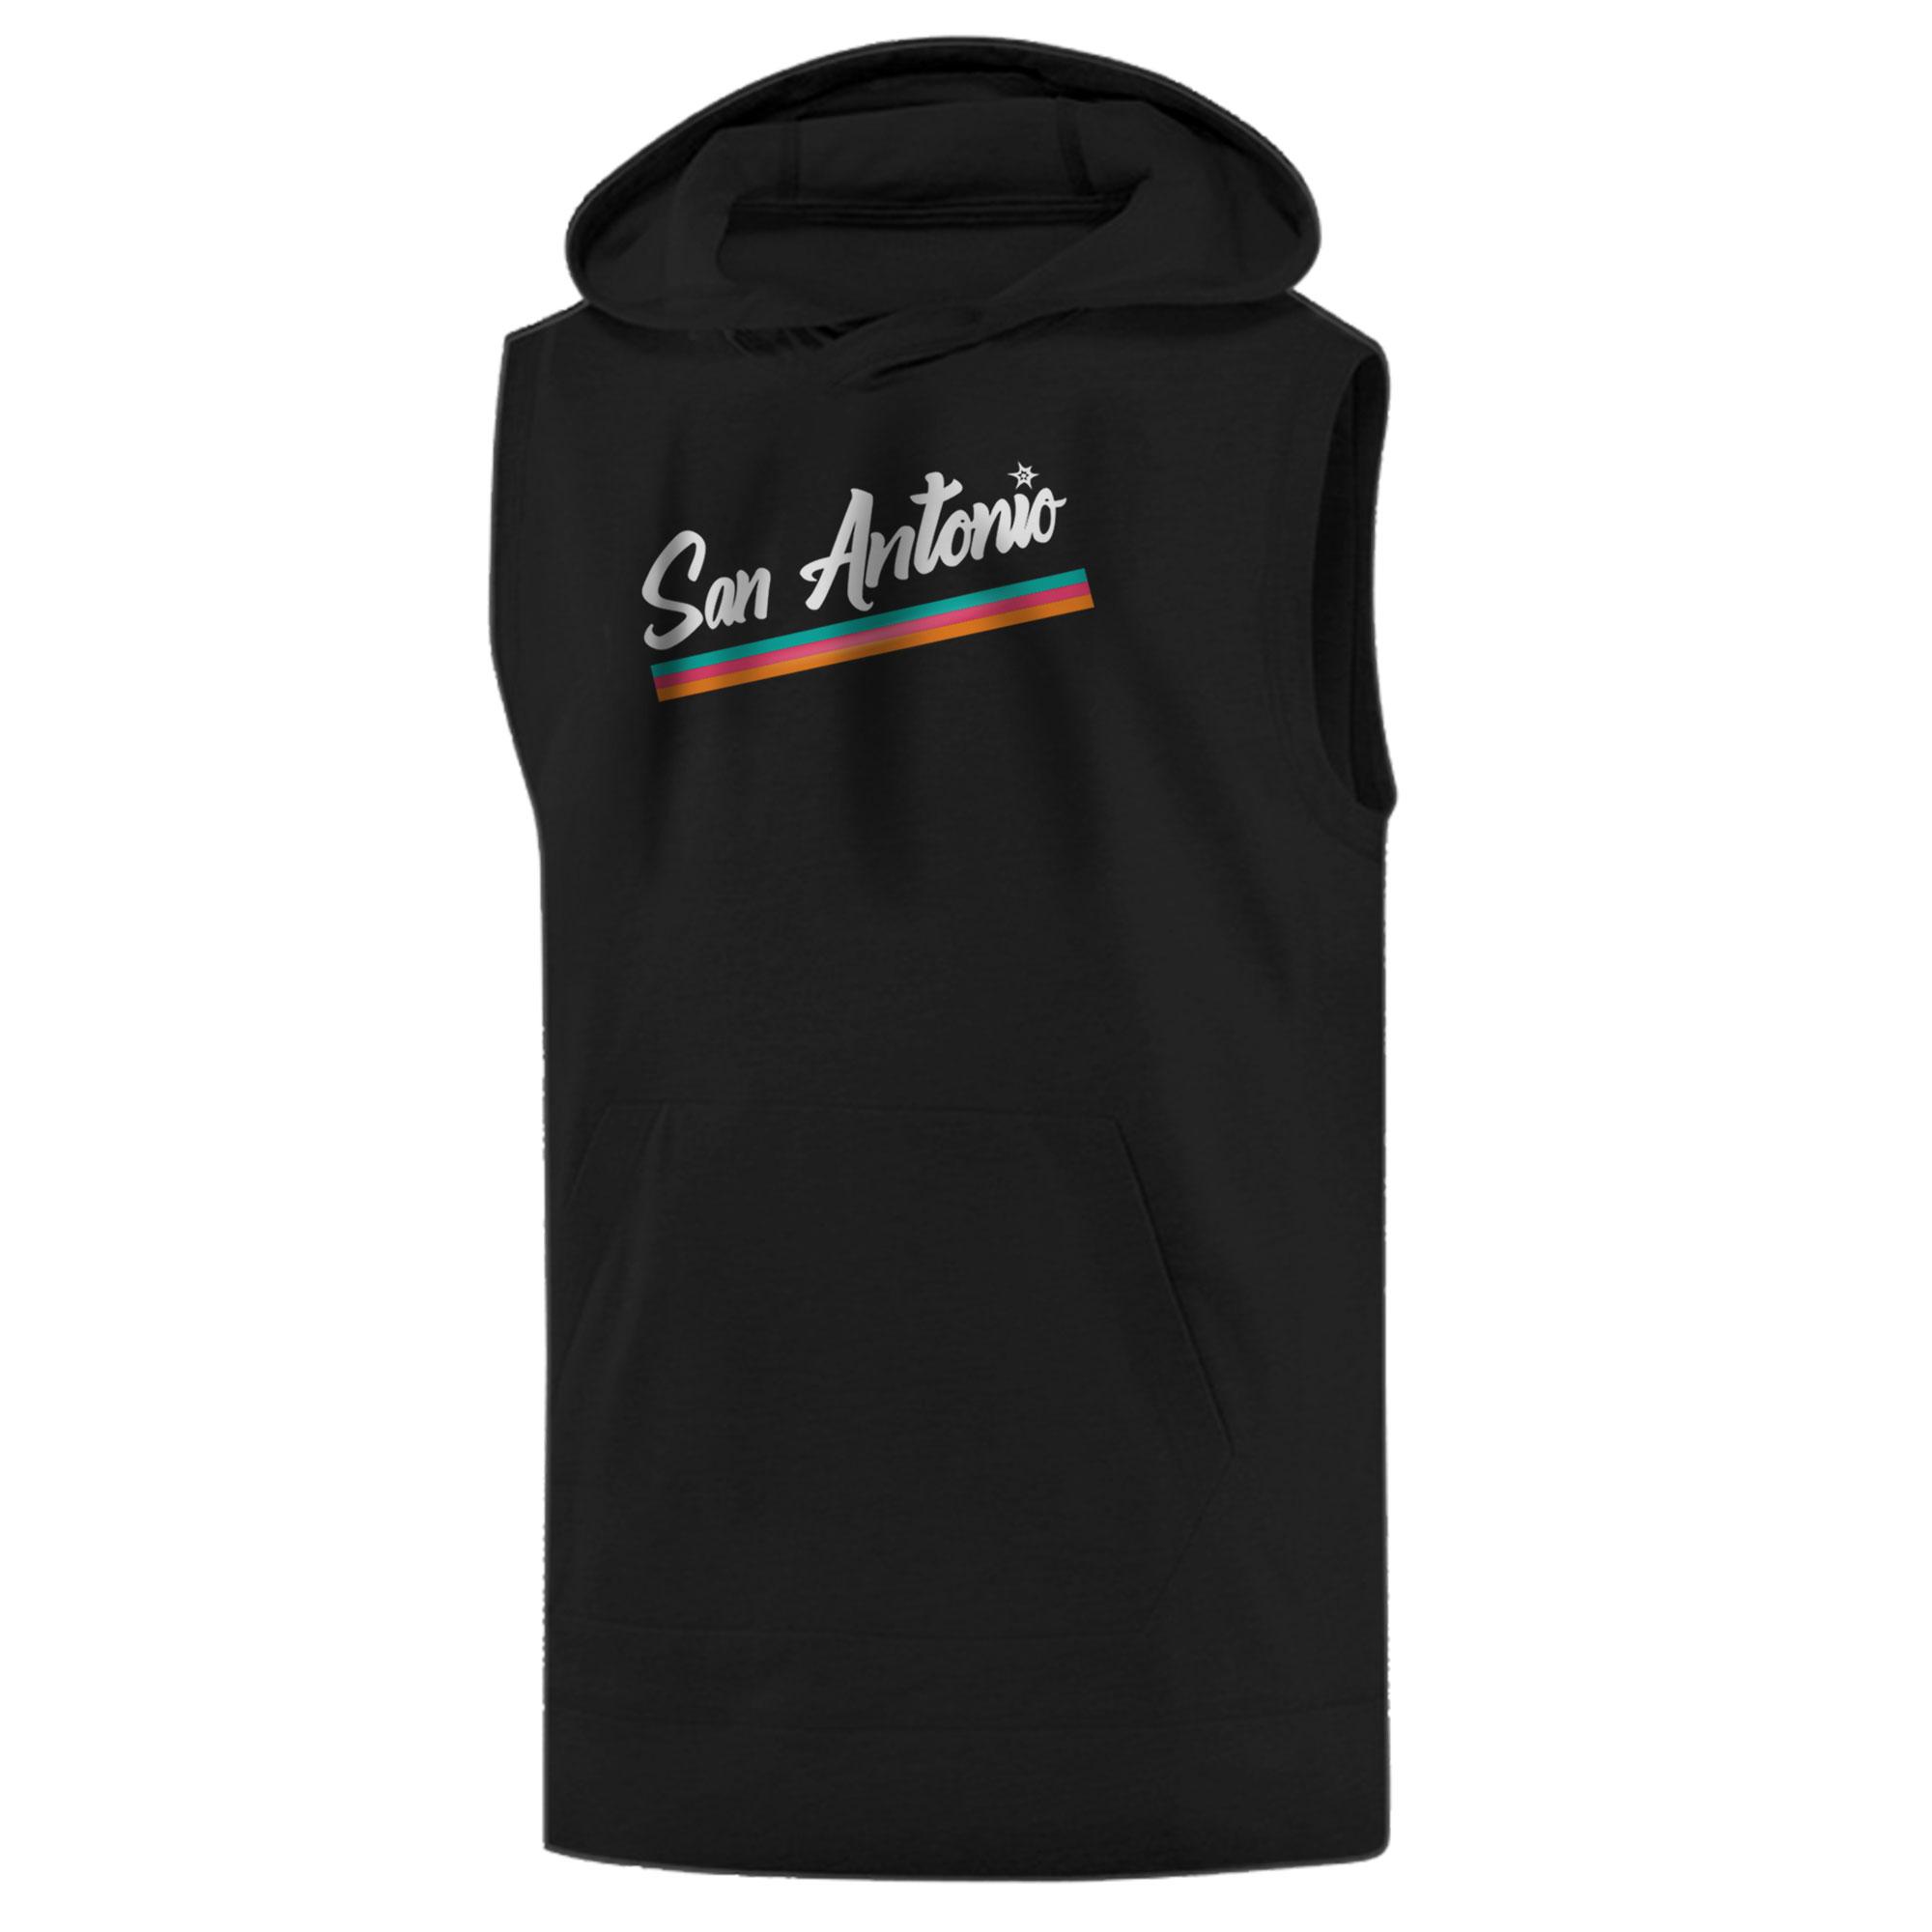 San Antonio Spurs Sleeveless (KLS-GRY-496-NBA-SAS)